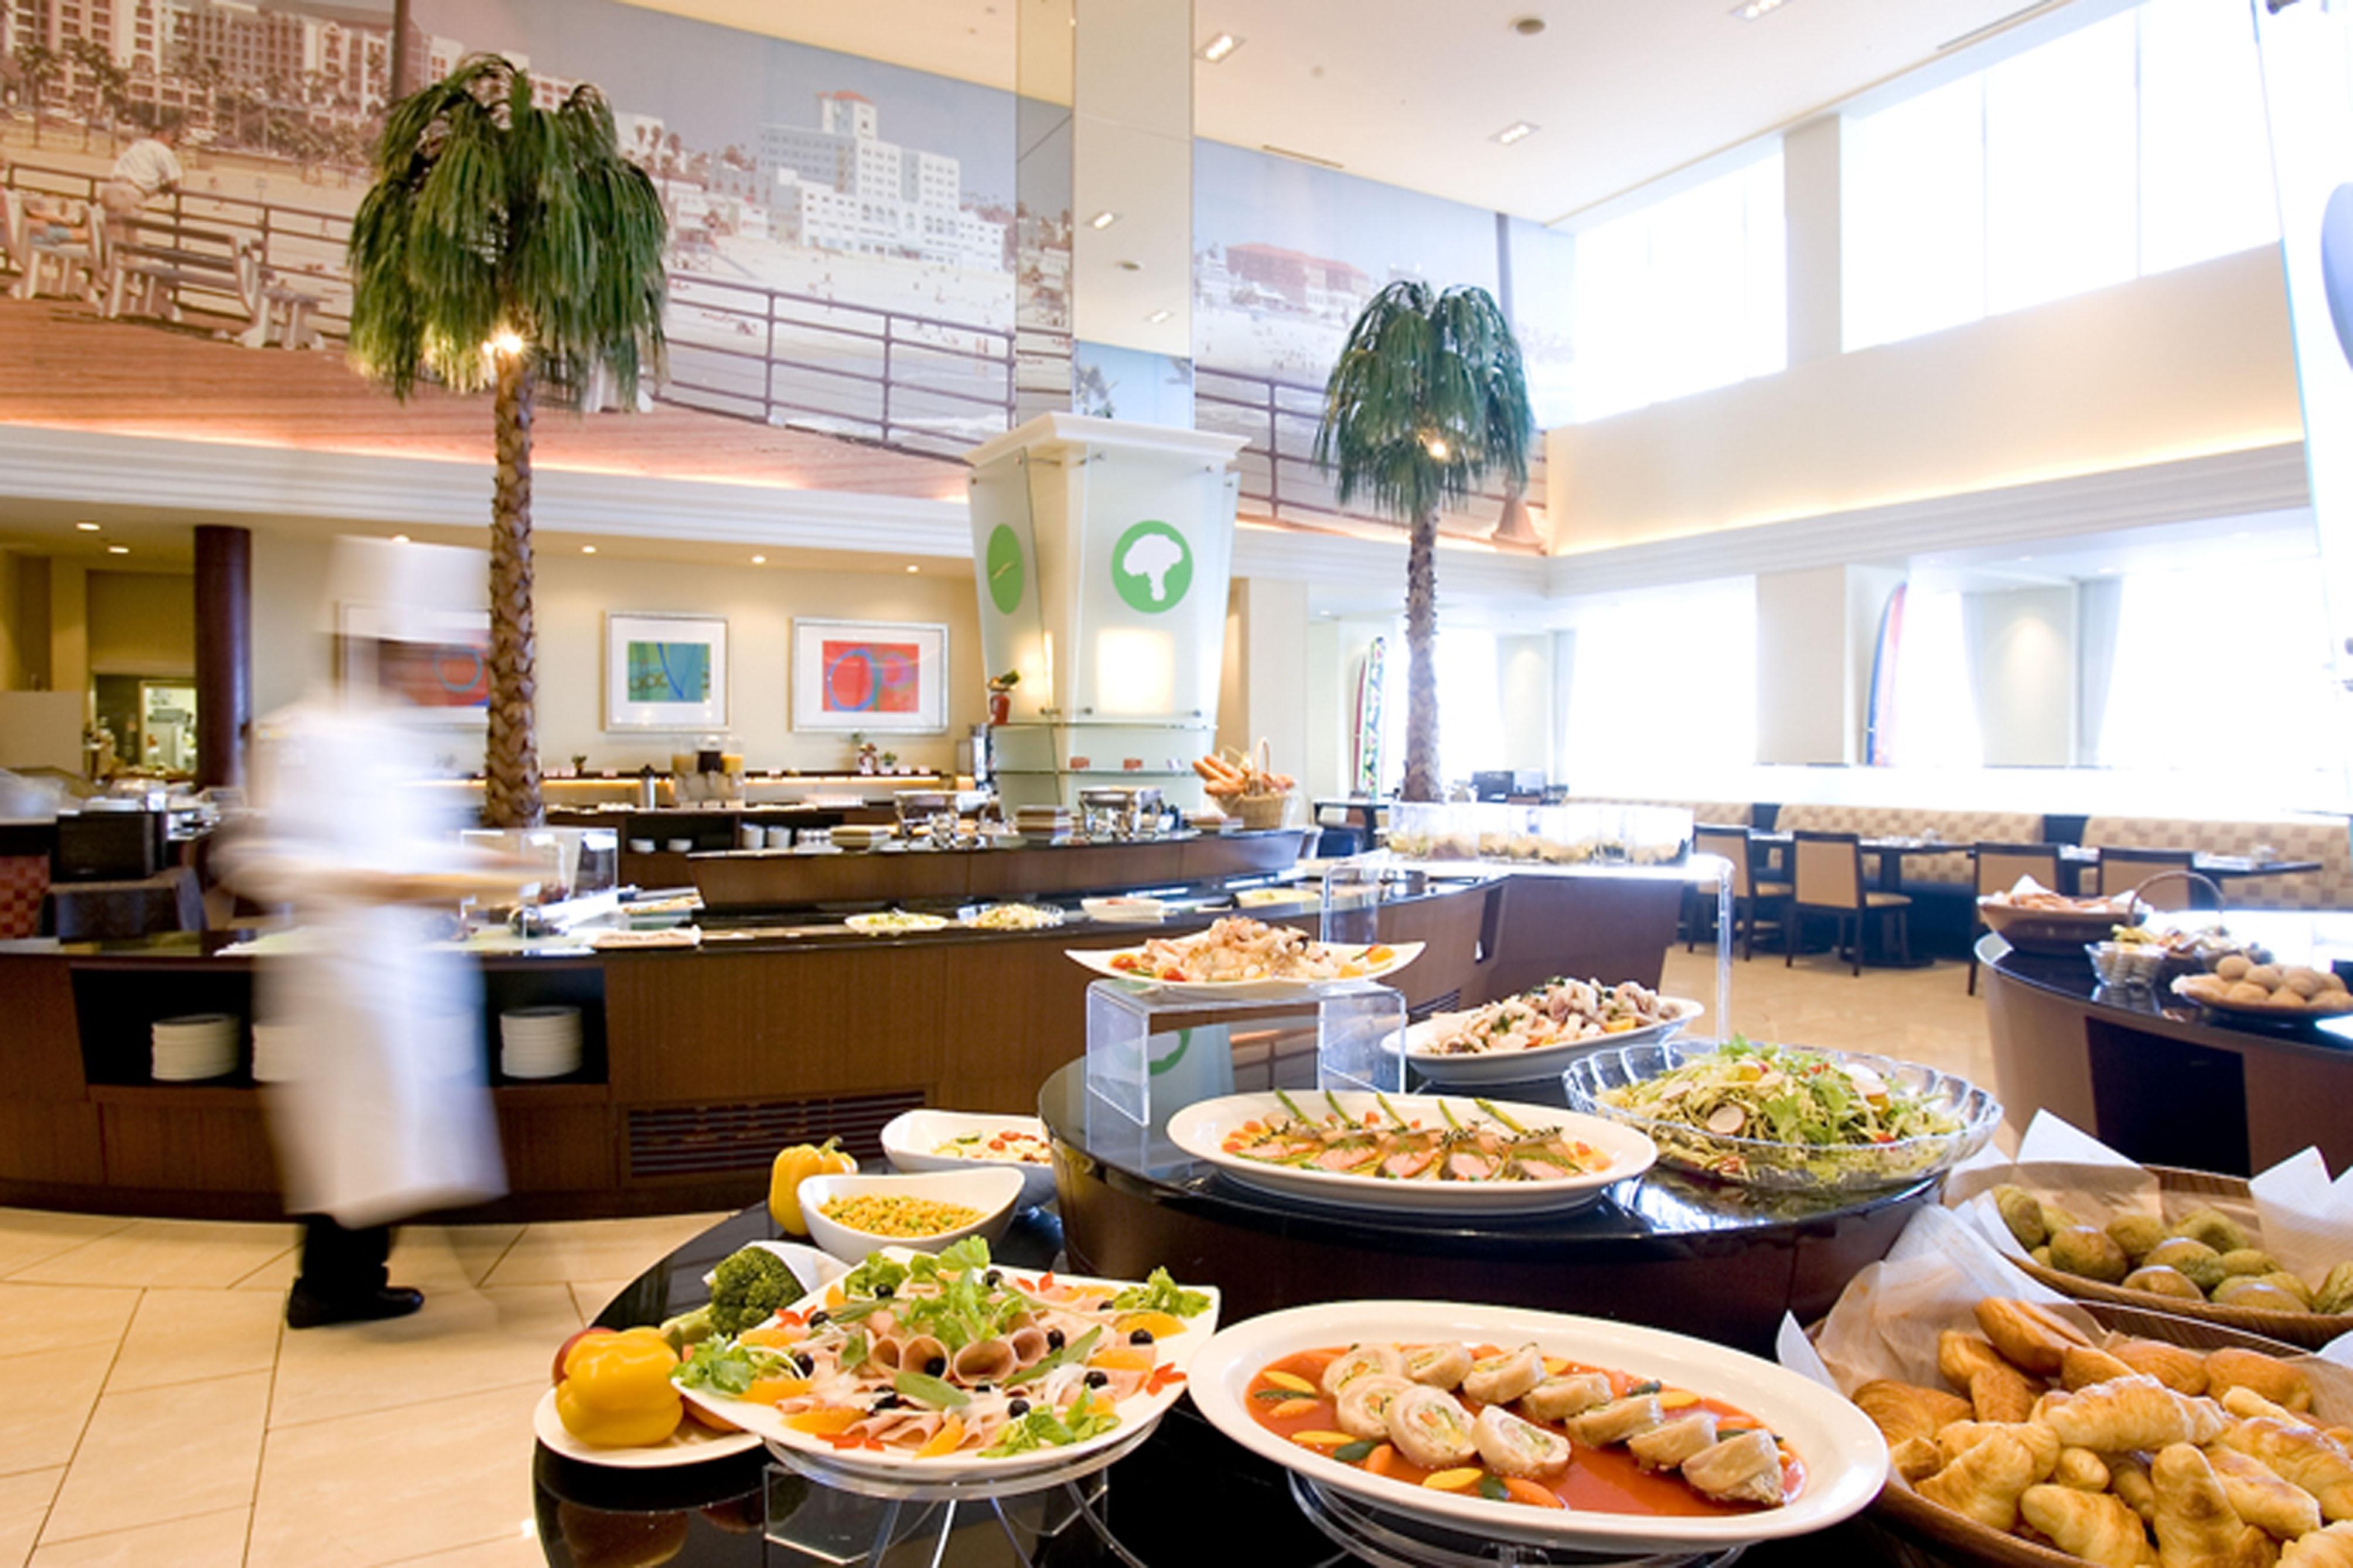 メリケンパーク オリエンタル ホテル レストラン 神戸